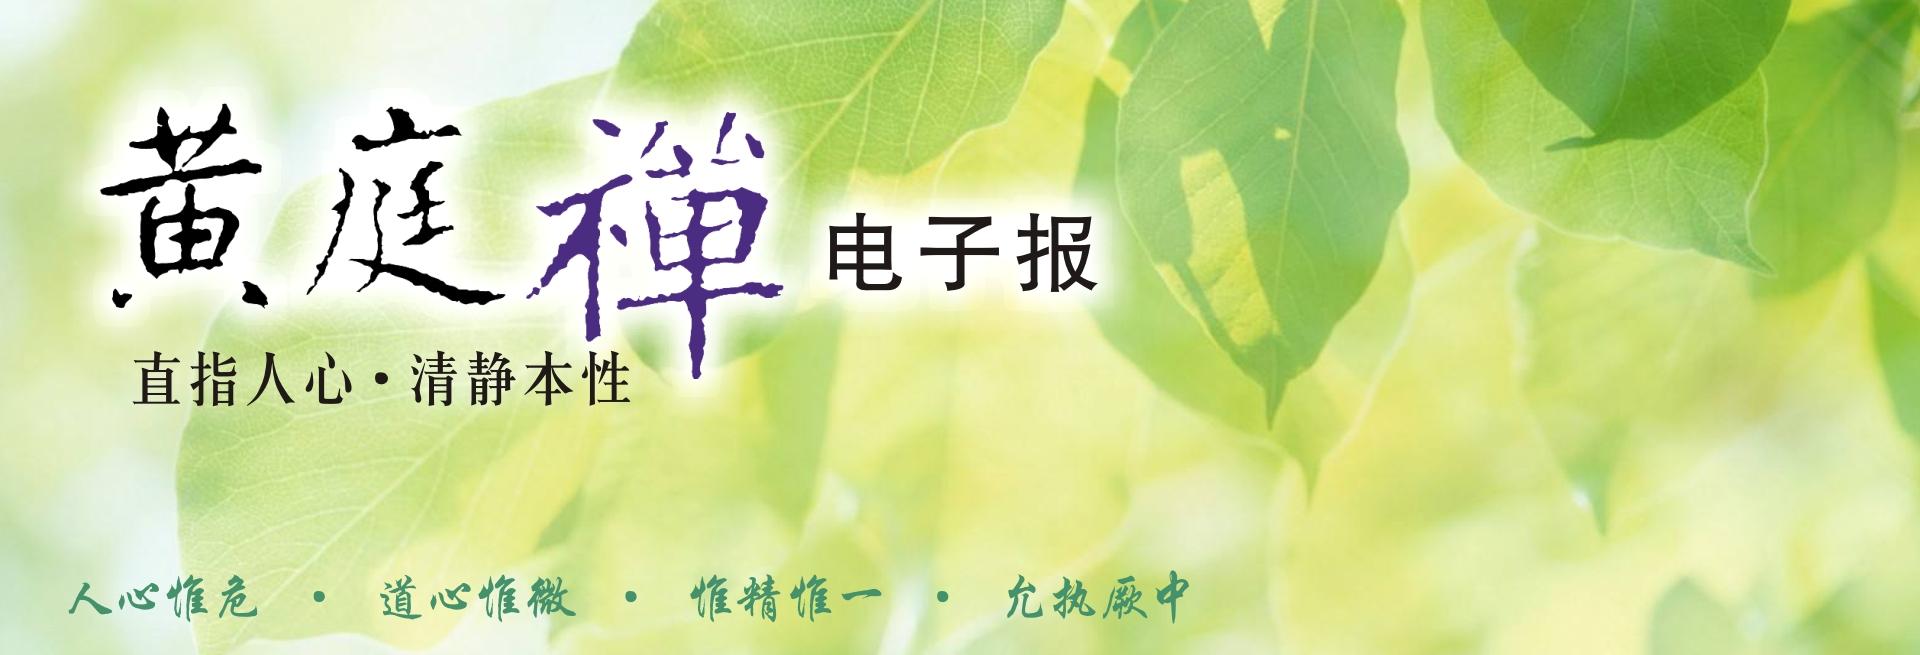 中華黃庭禪學會2019.03.01電子報